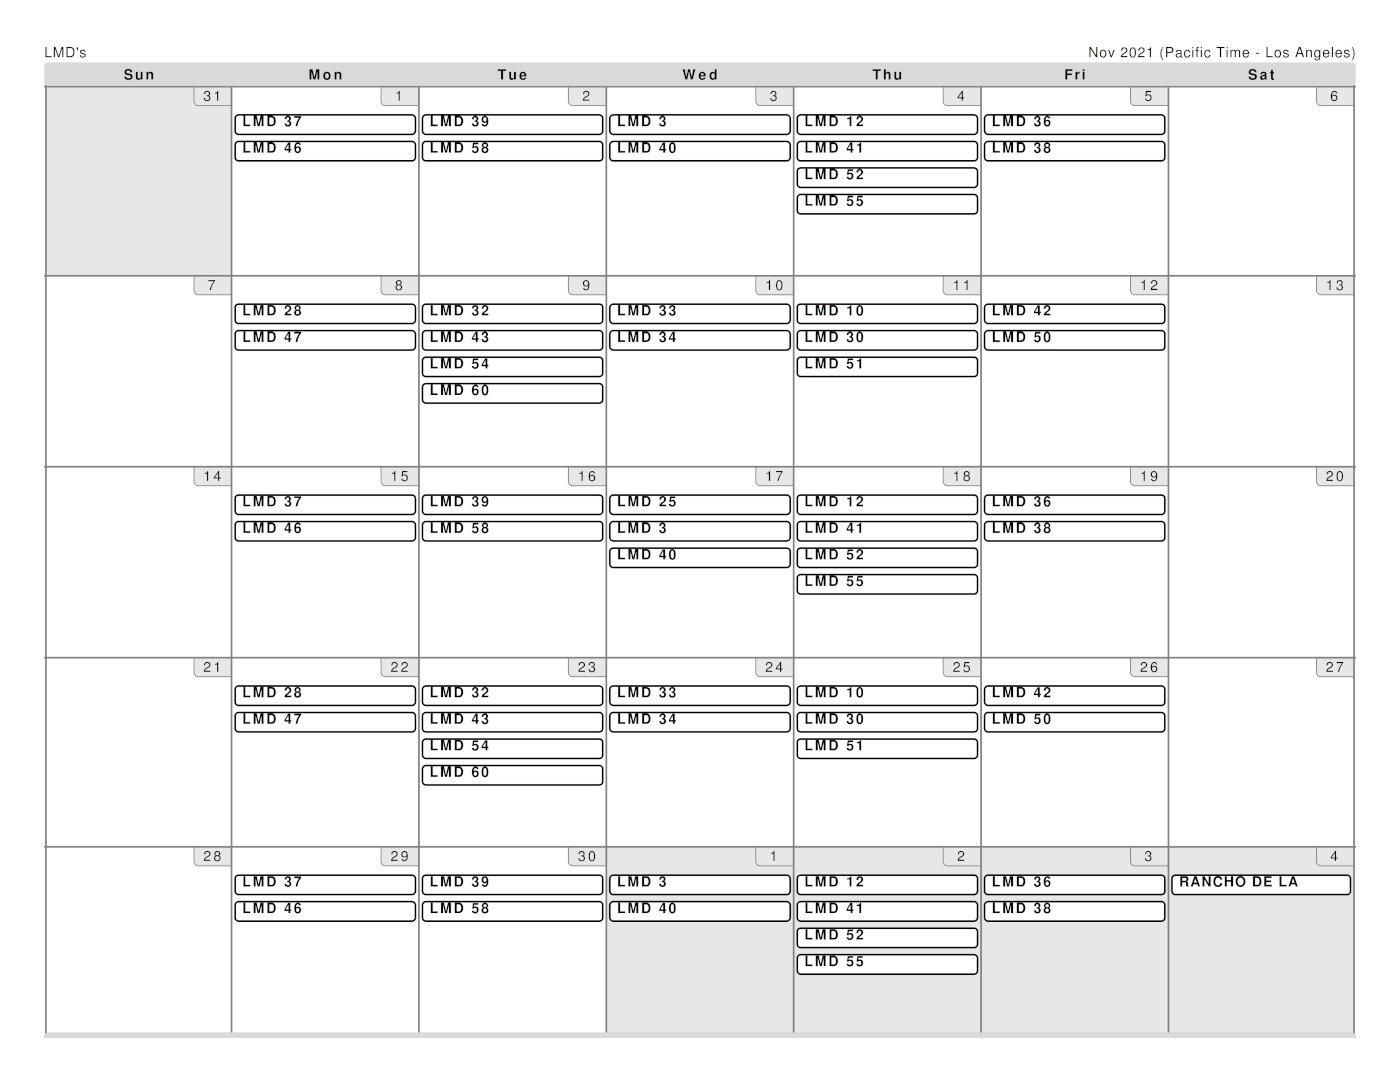 Garcia Landscaping Schedule for November 2021